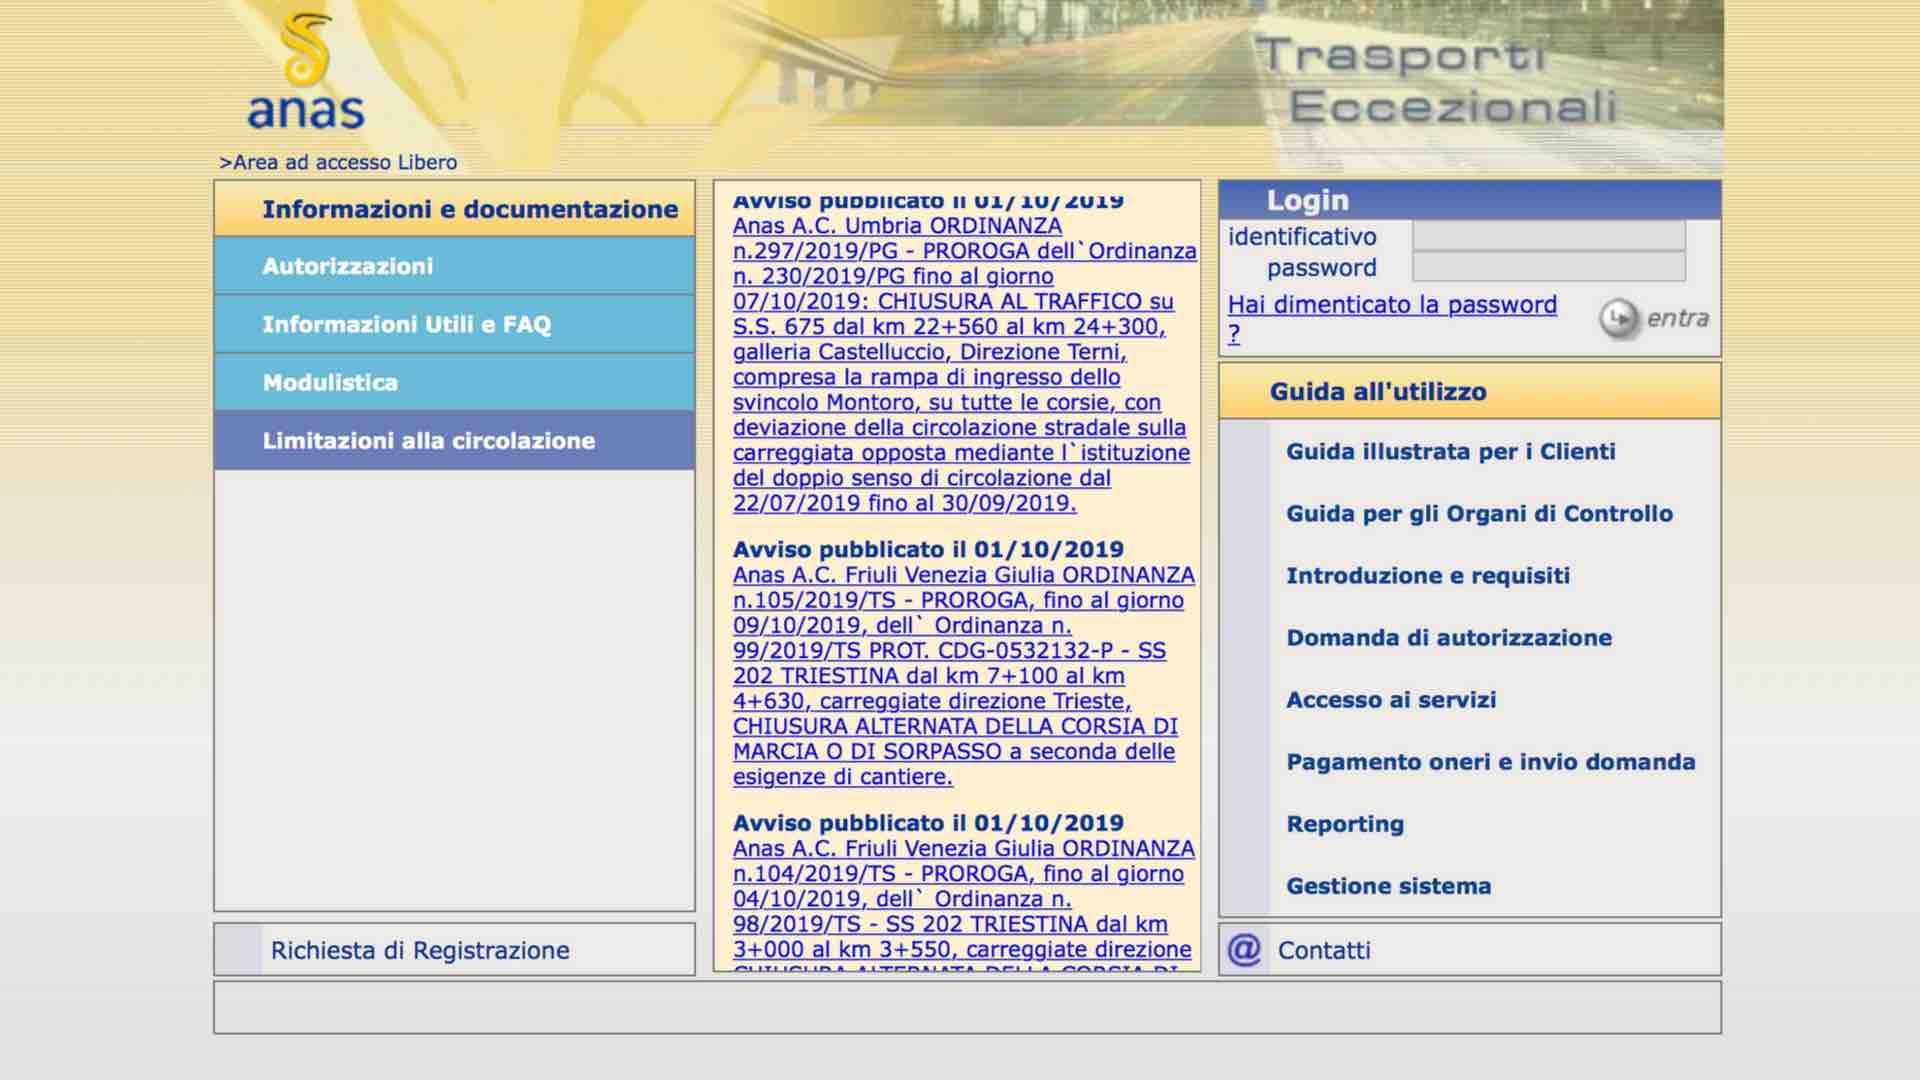 FIAP Anas. Problemi di funzionamento del portale TEWEB.